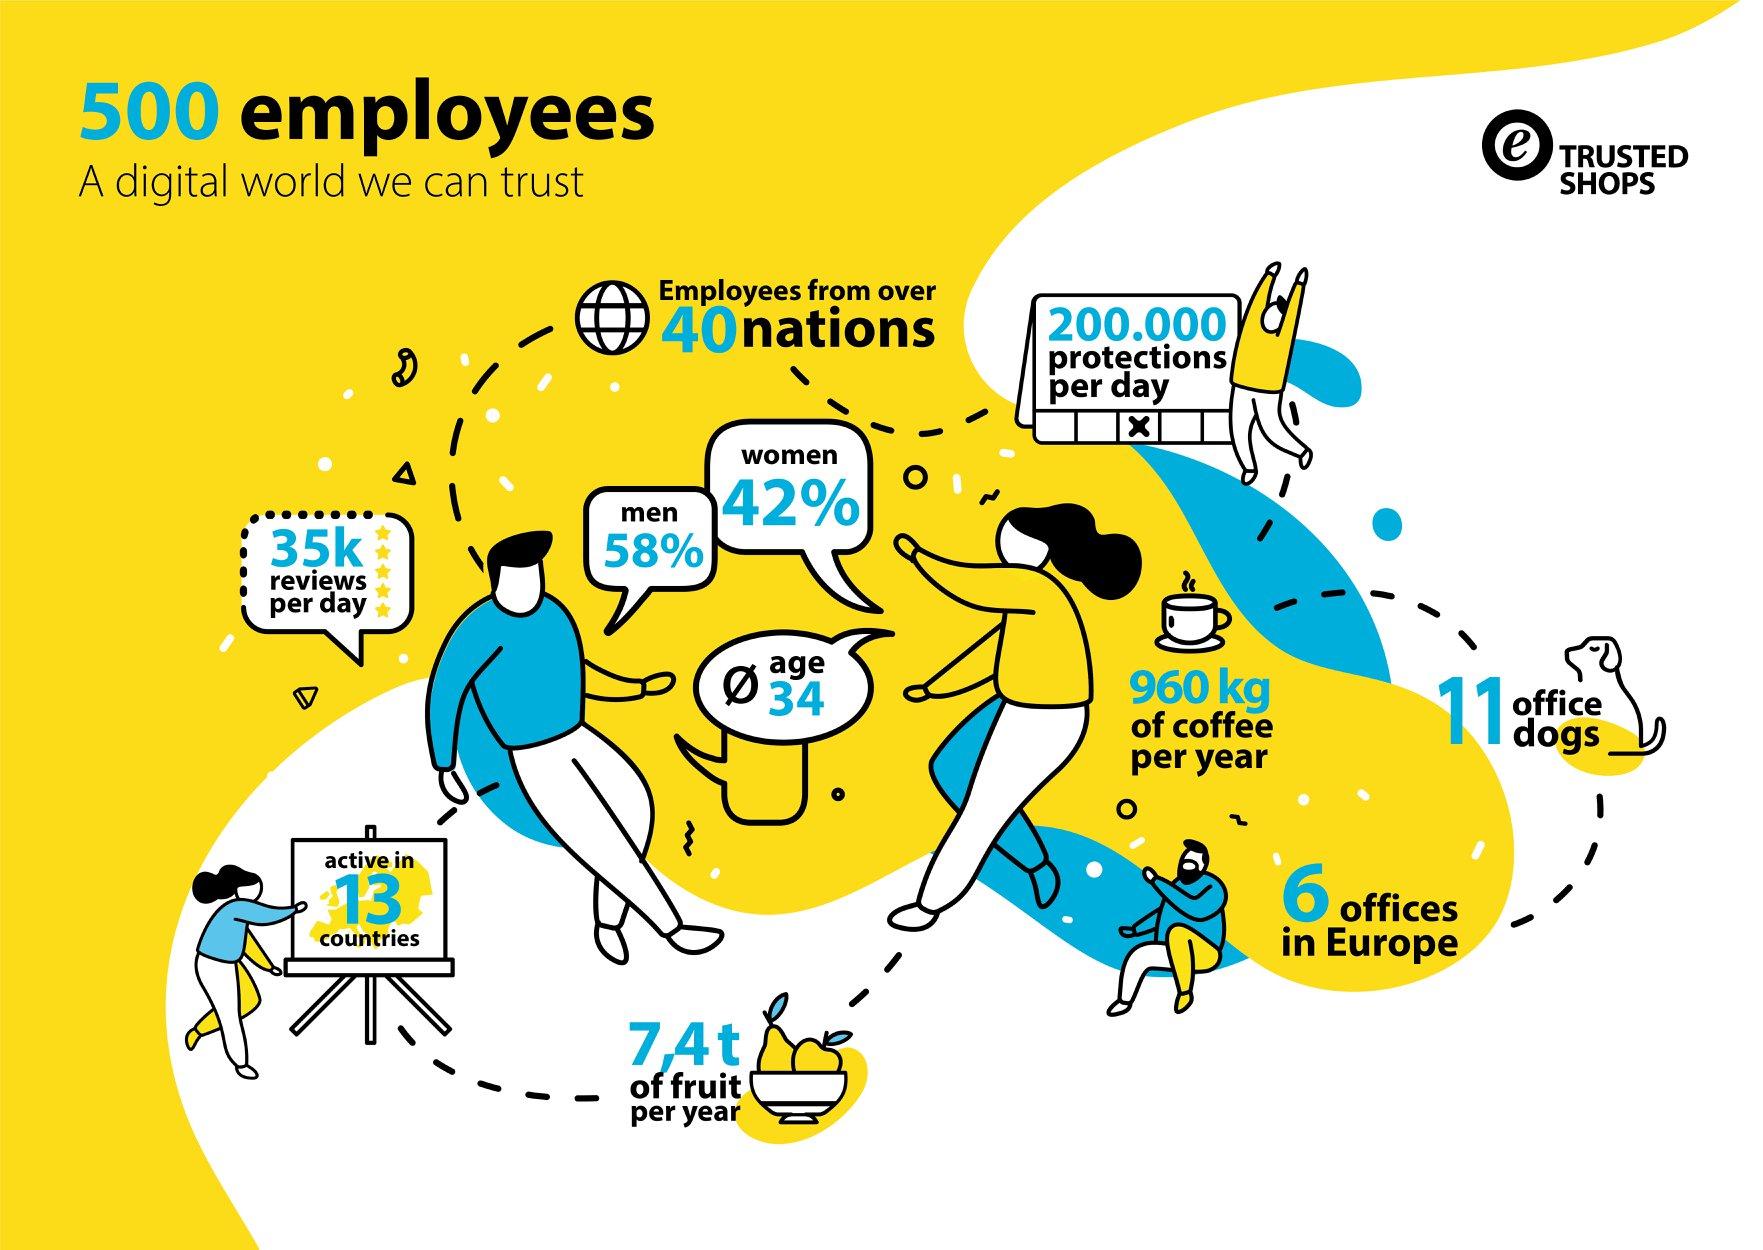 Eine Grafik zeigt die Besonderheiten des Trusted Shops Unternehmens.